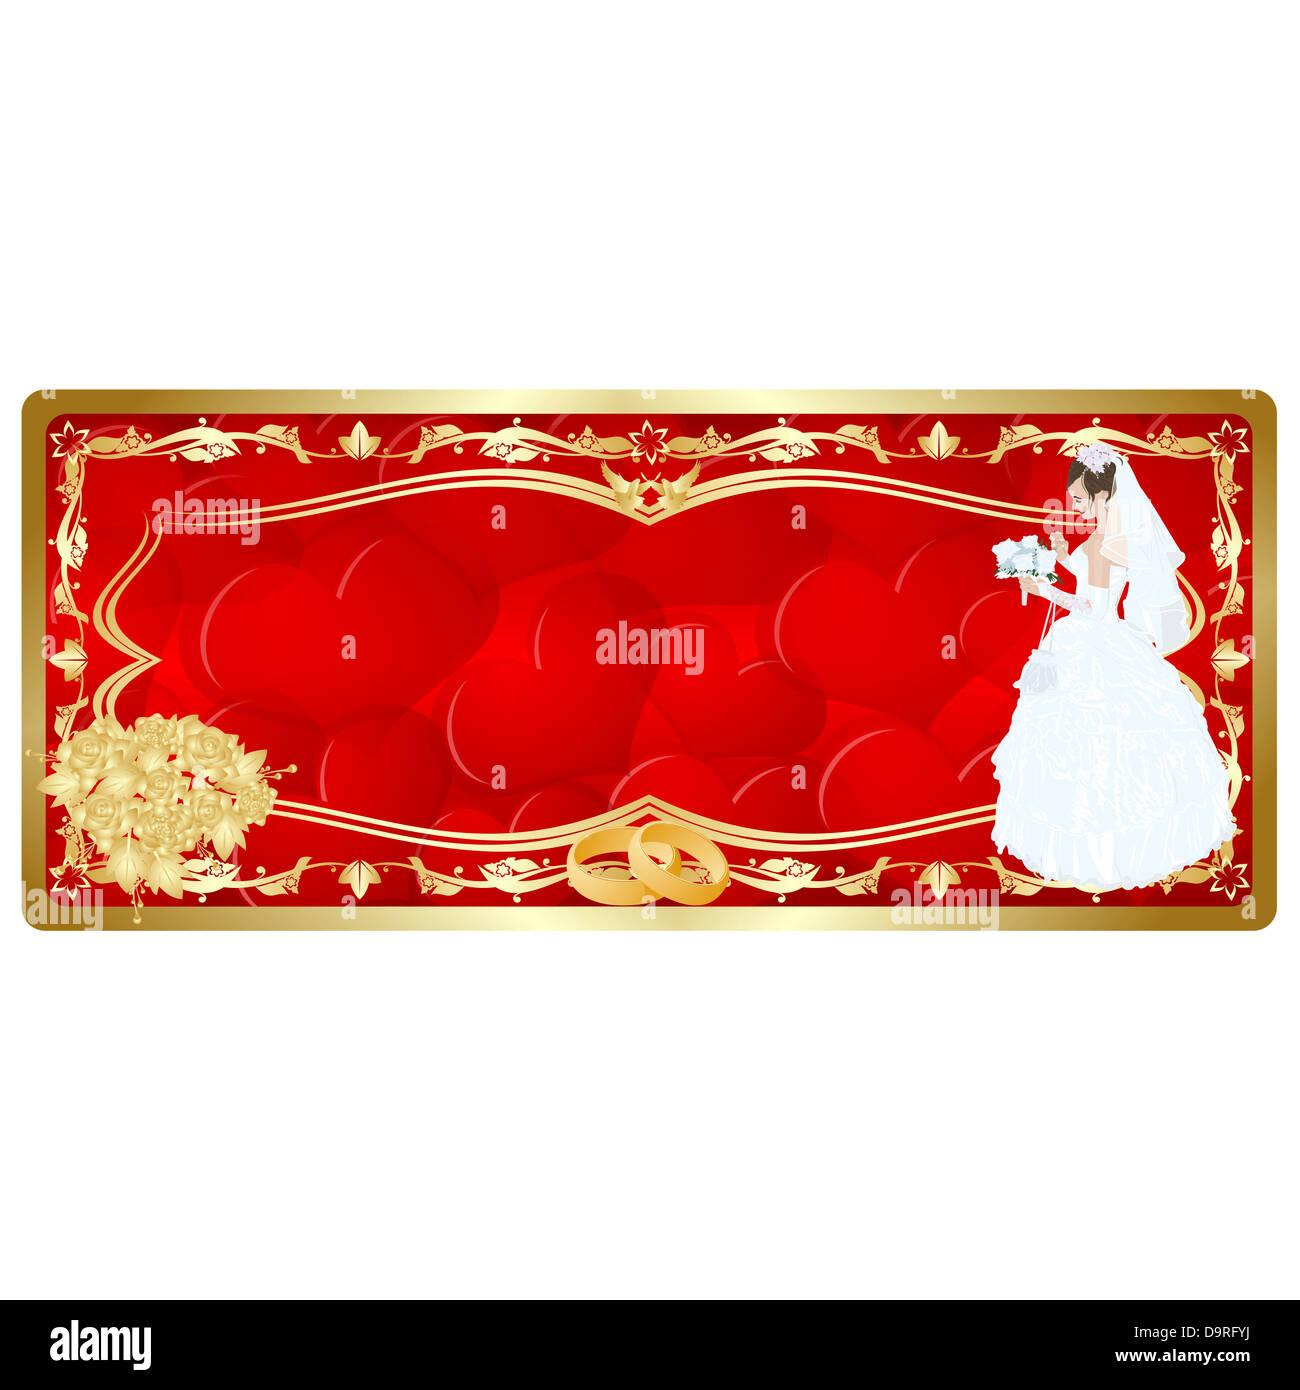 Hochzeitskarten Abbildung Auf Einem Weissen Hintergrund Stockfoto